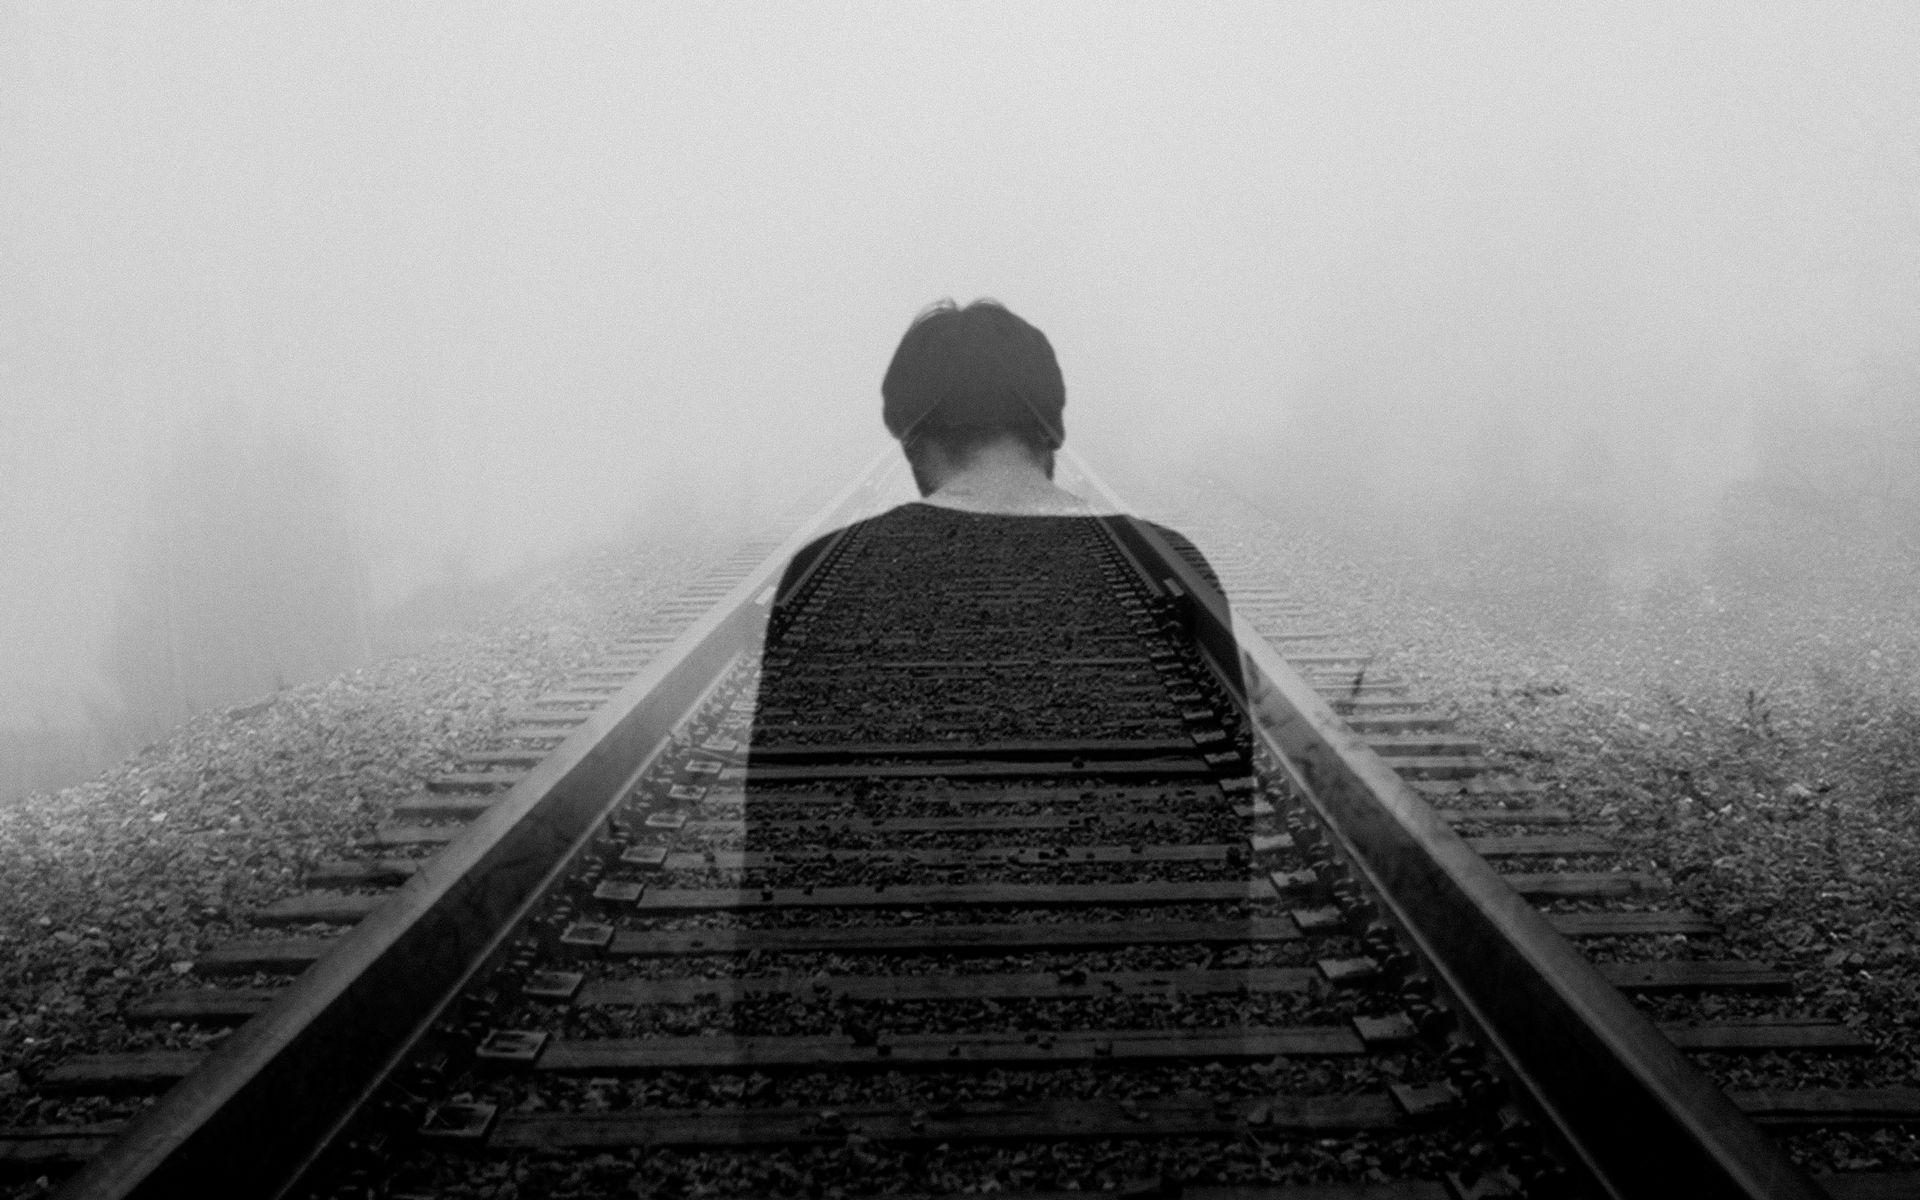 Hình nền bóng ma trên đường tàu buồn bã